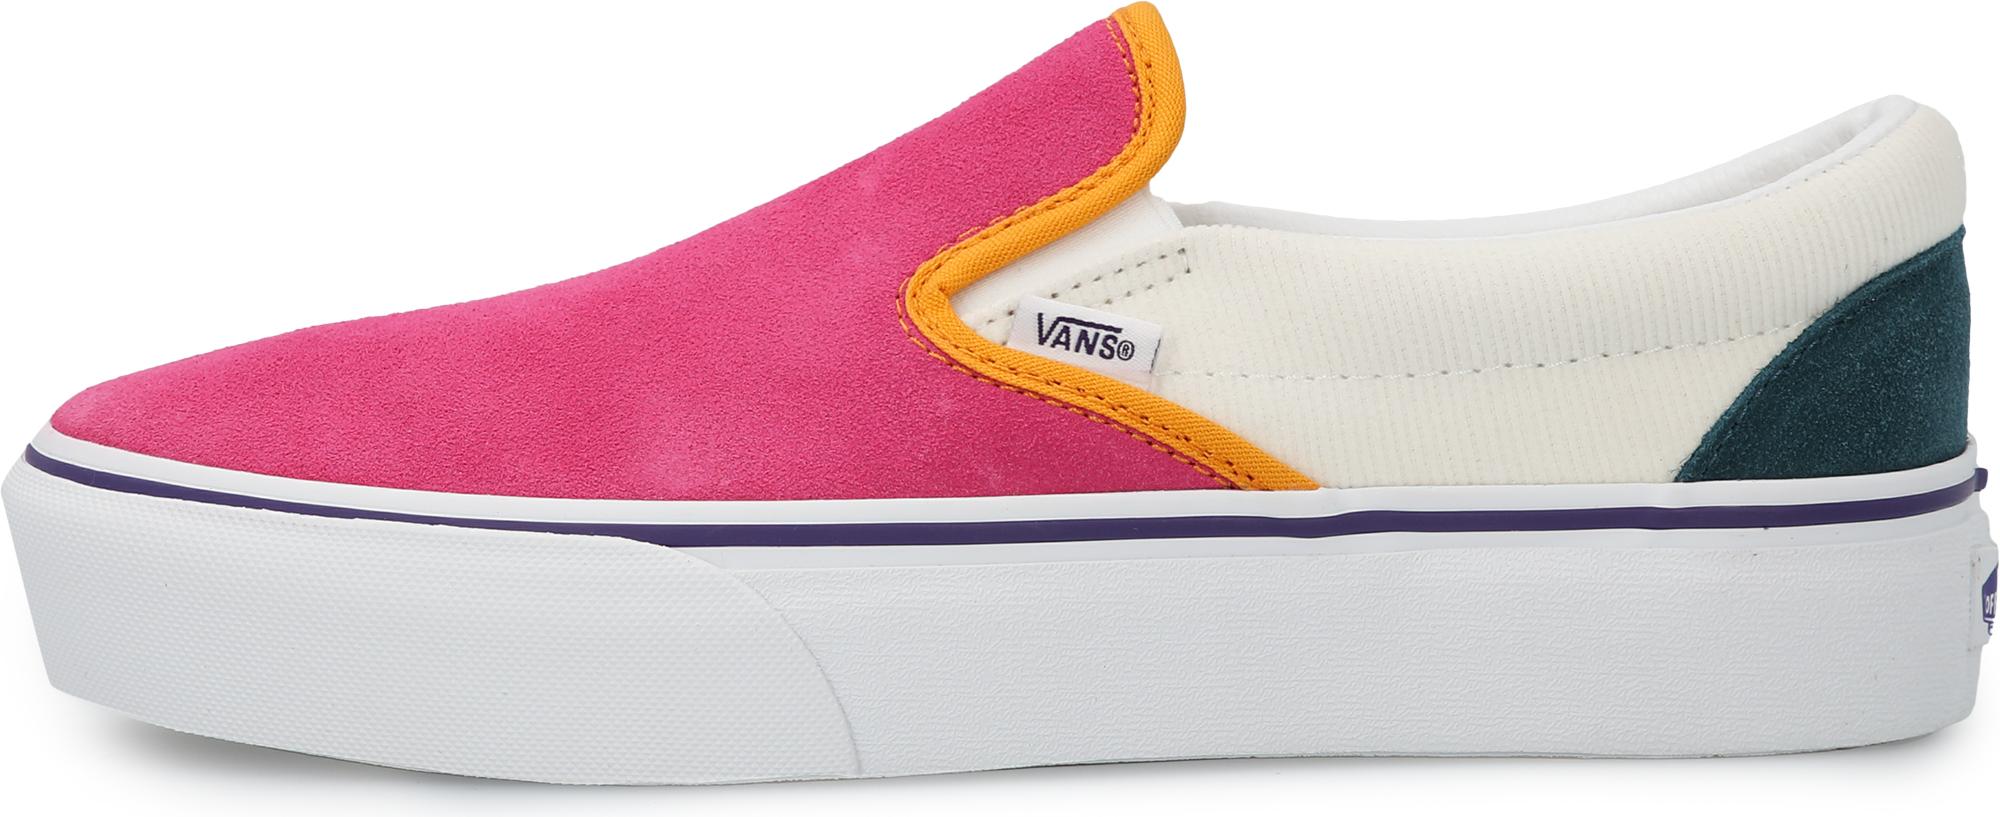 цена Vans Кеды женские Vans Classic Slip-On Platform, размер 36 онлайн в 2017 году